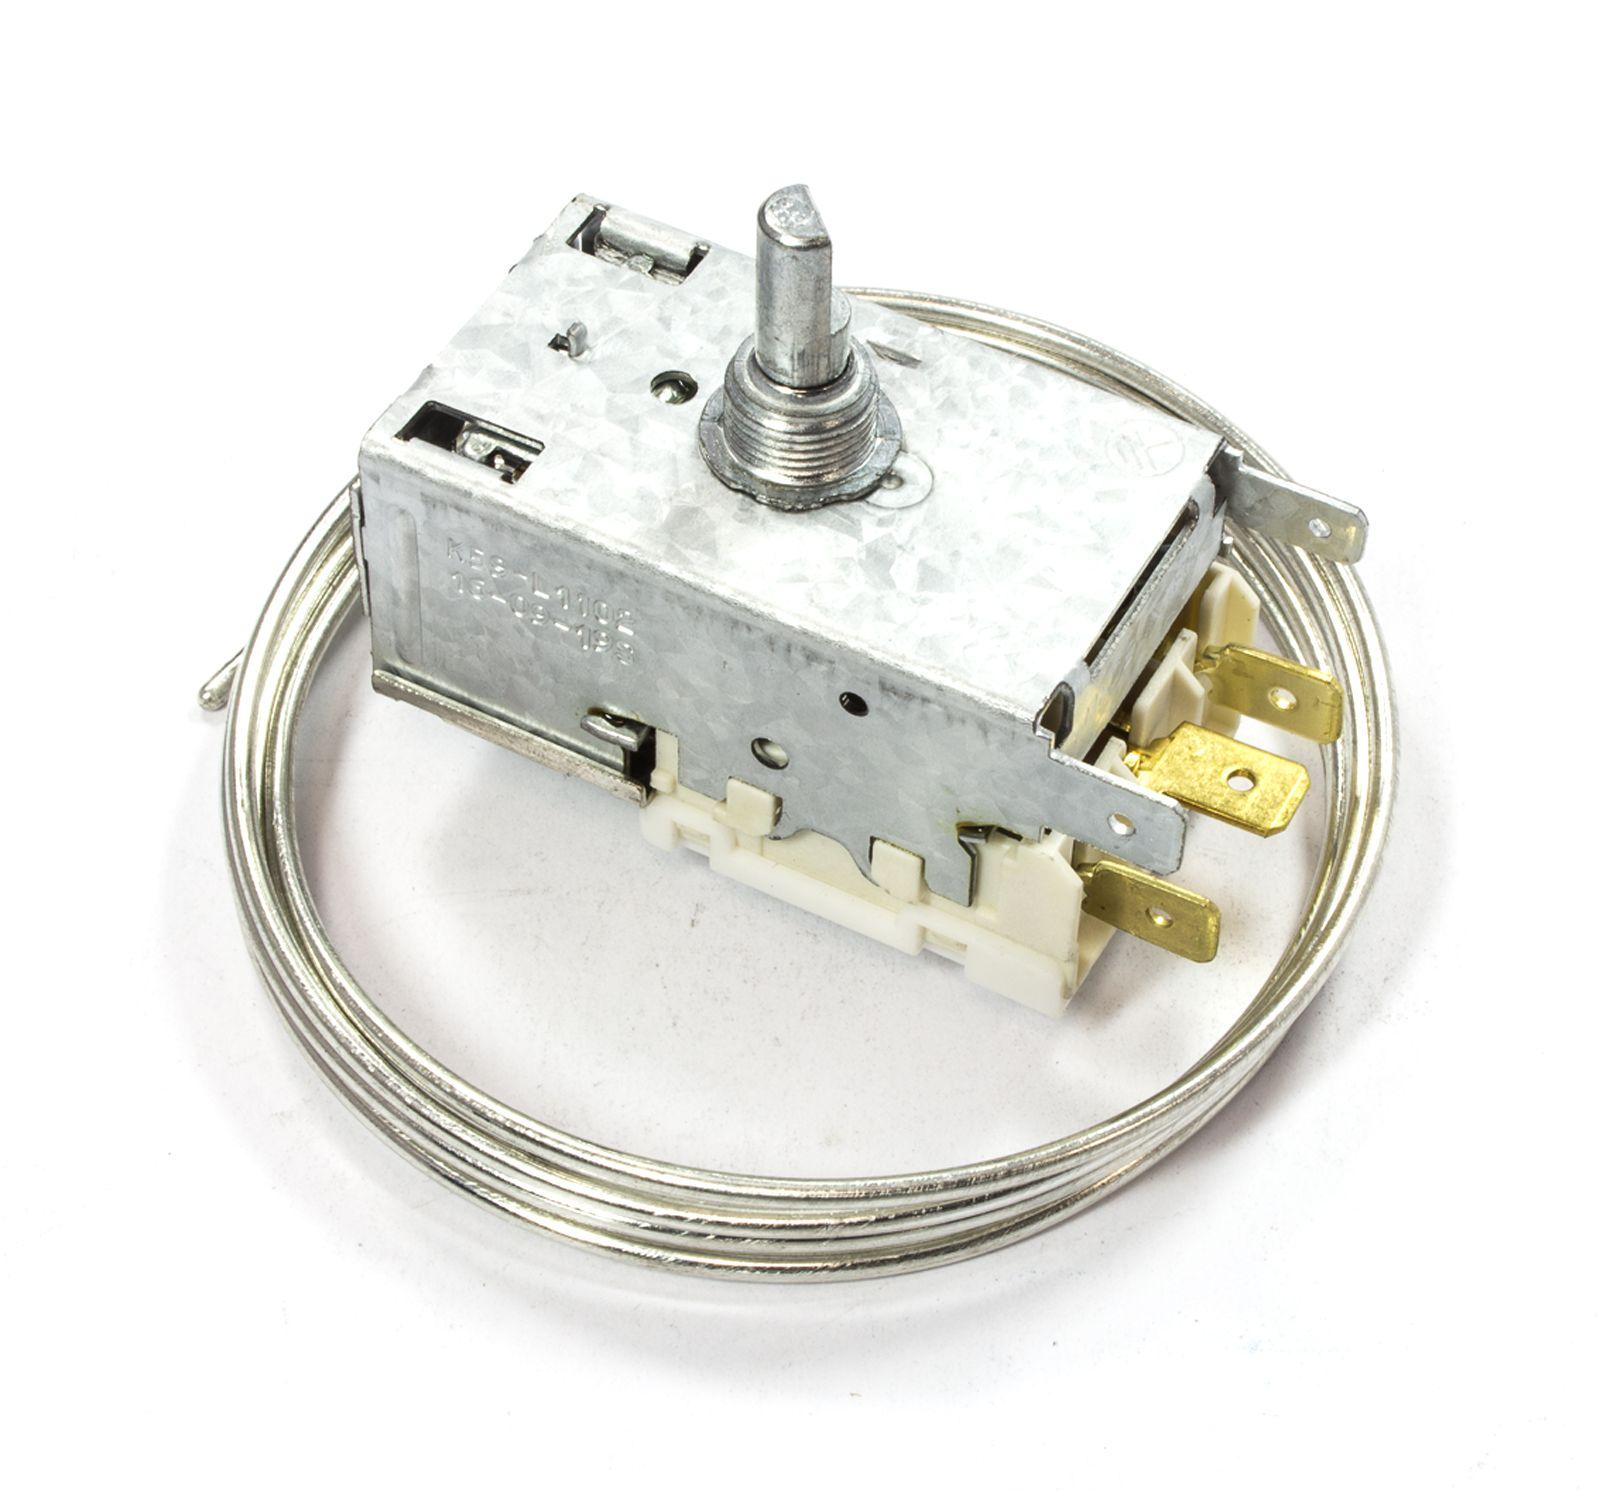 termostat do chladničky K59-L1102 Ranco